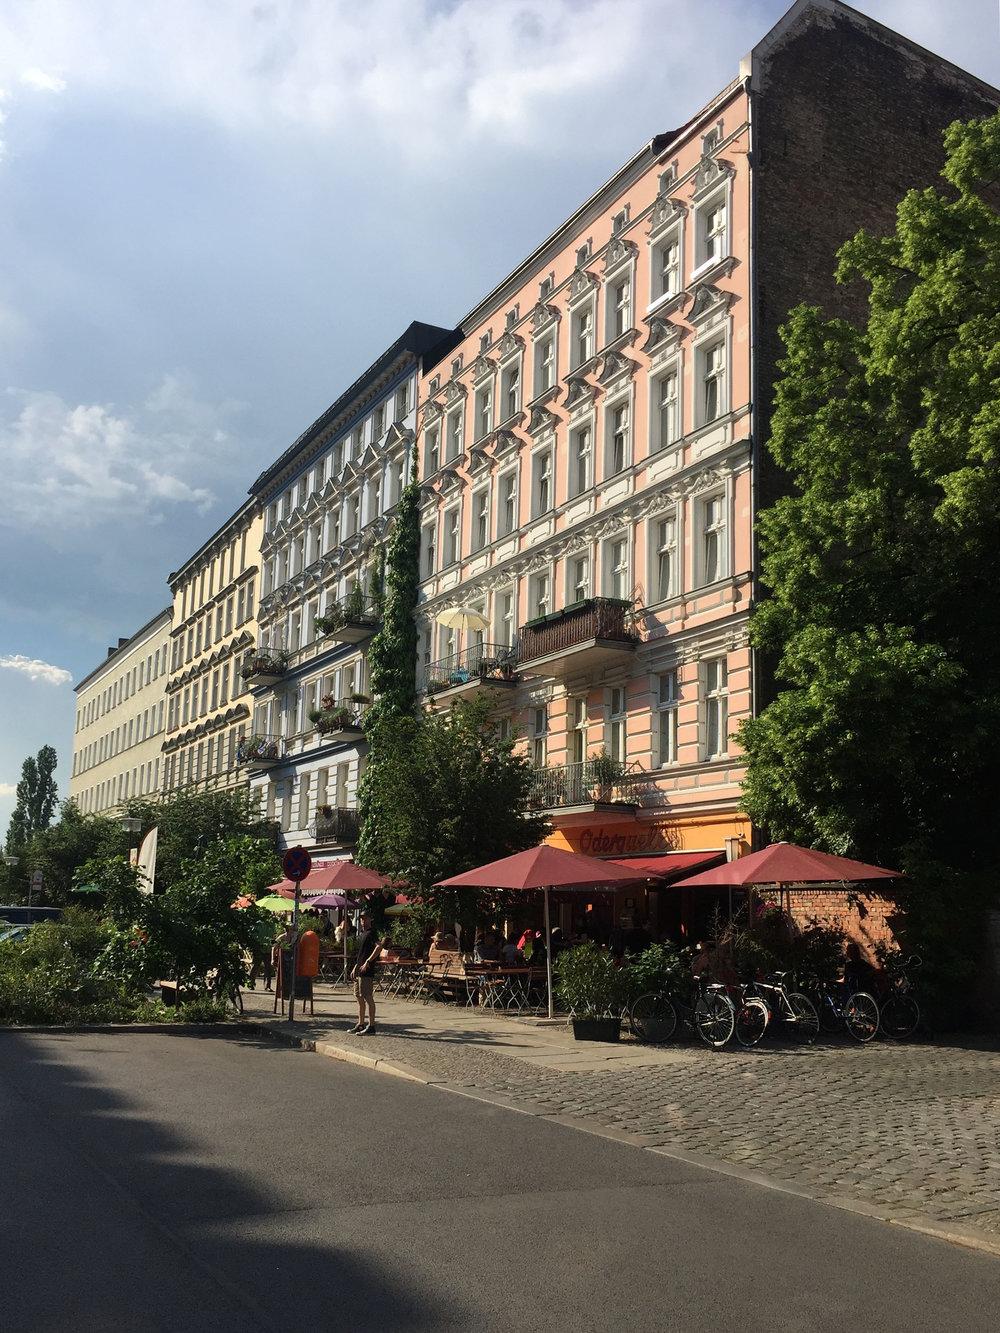 Prenzlauer Berg, Berlin, 2016.